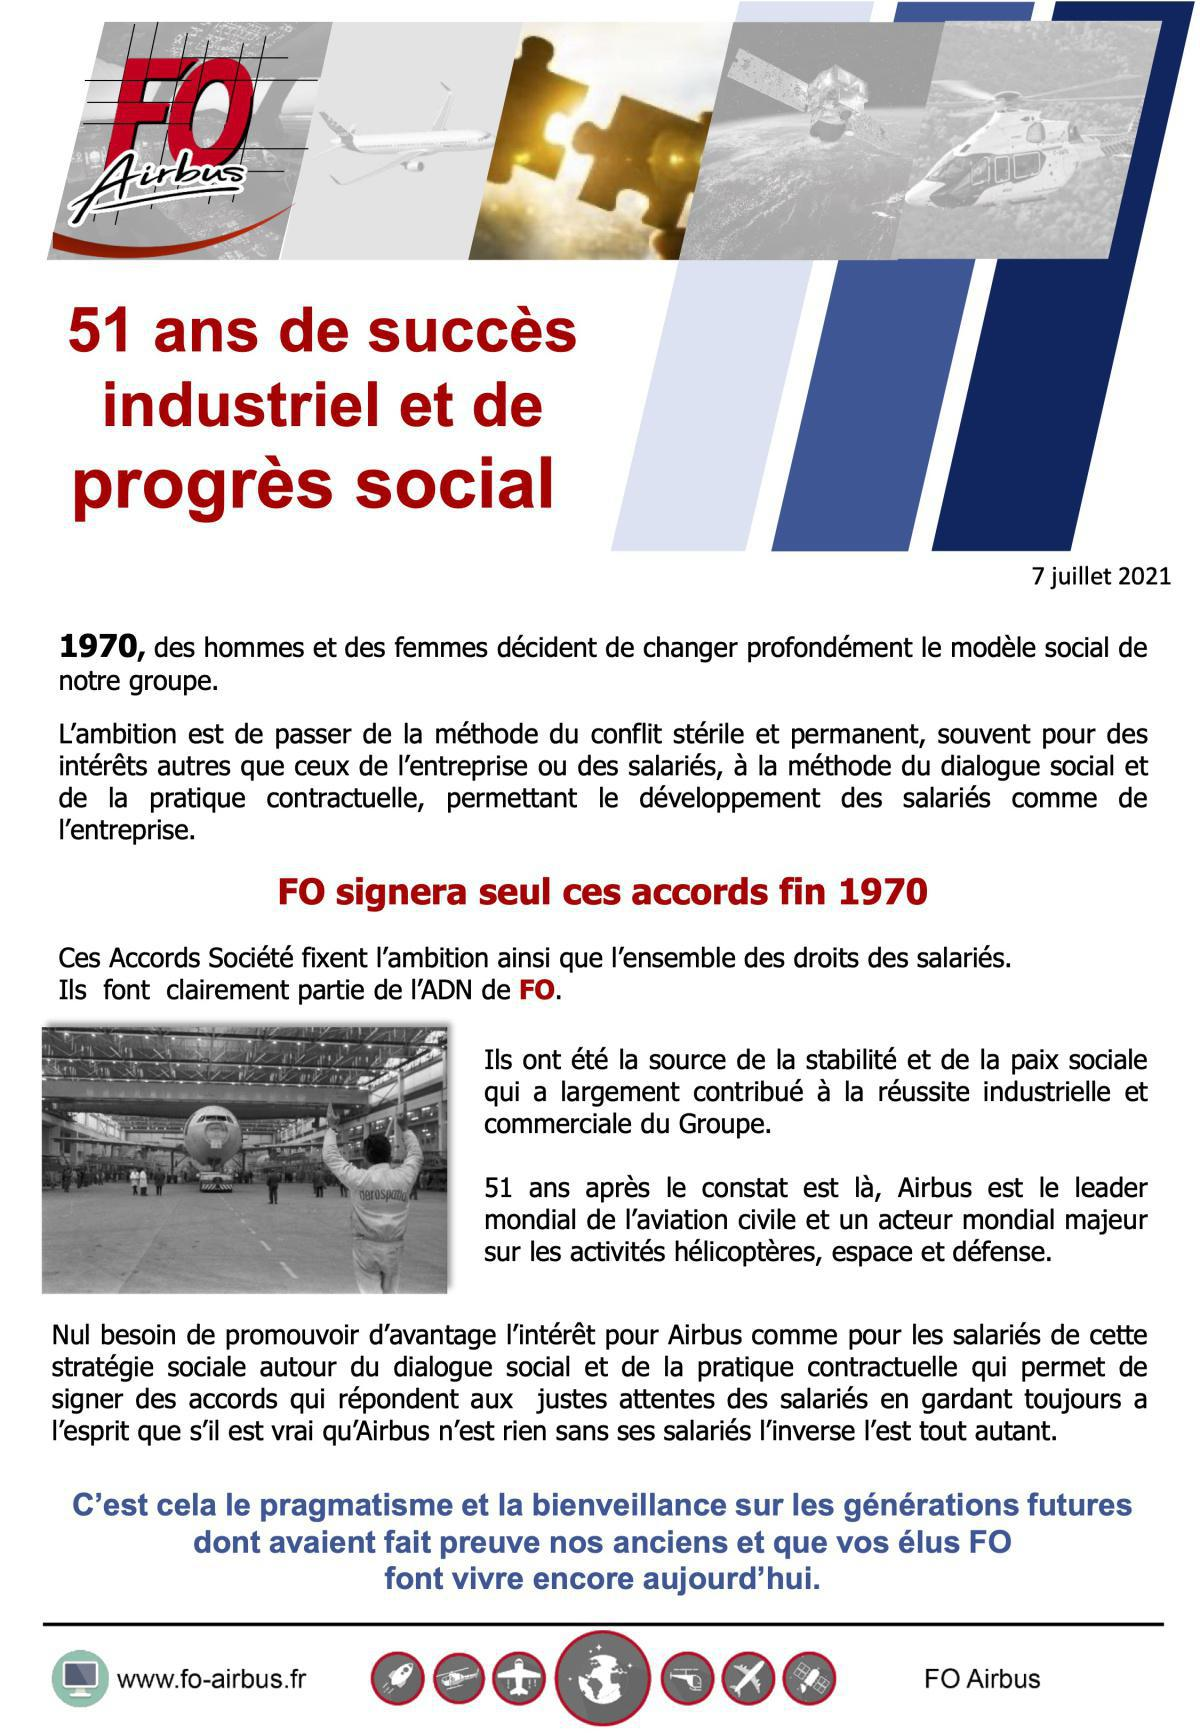 51 ans de succès industriel et de progrès social